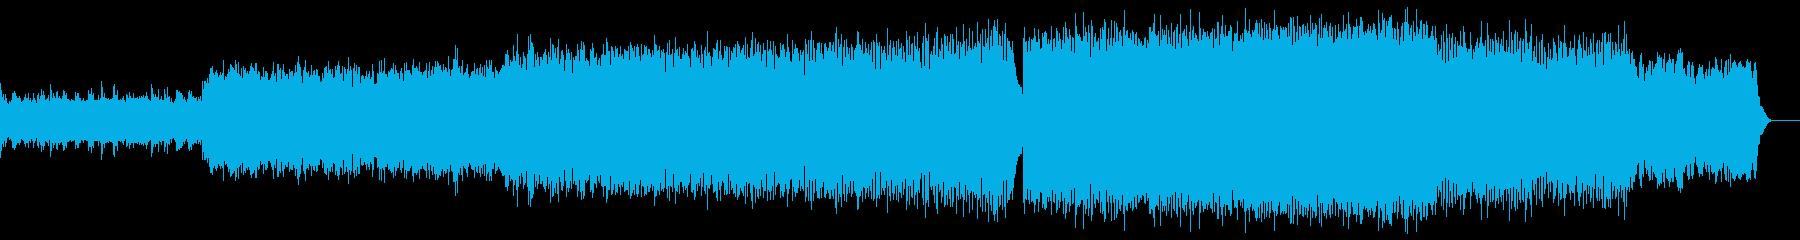 PVをイメージしたさわやかなで切ない曲の再生済みの波形